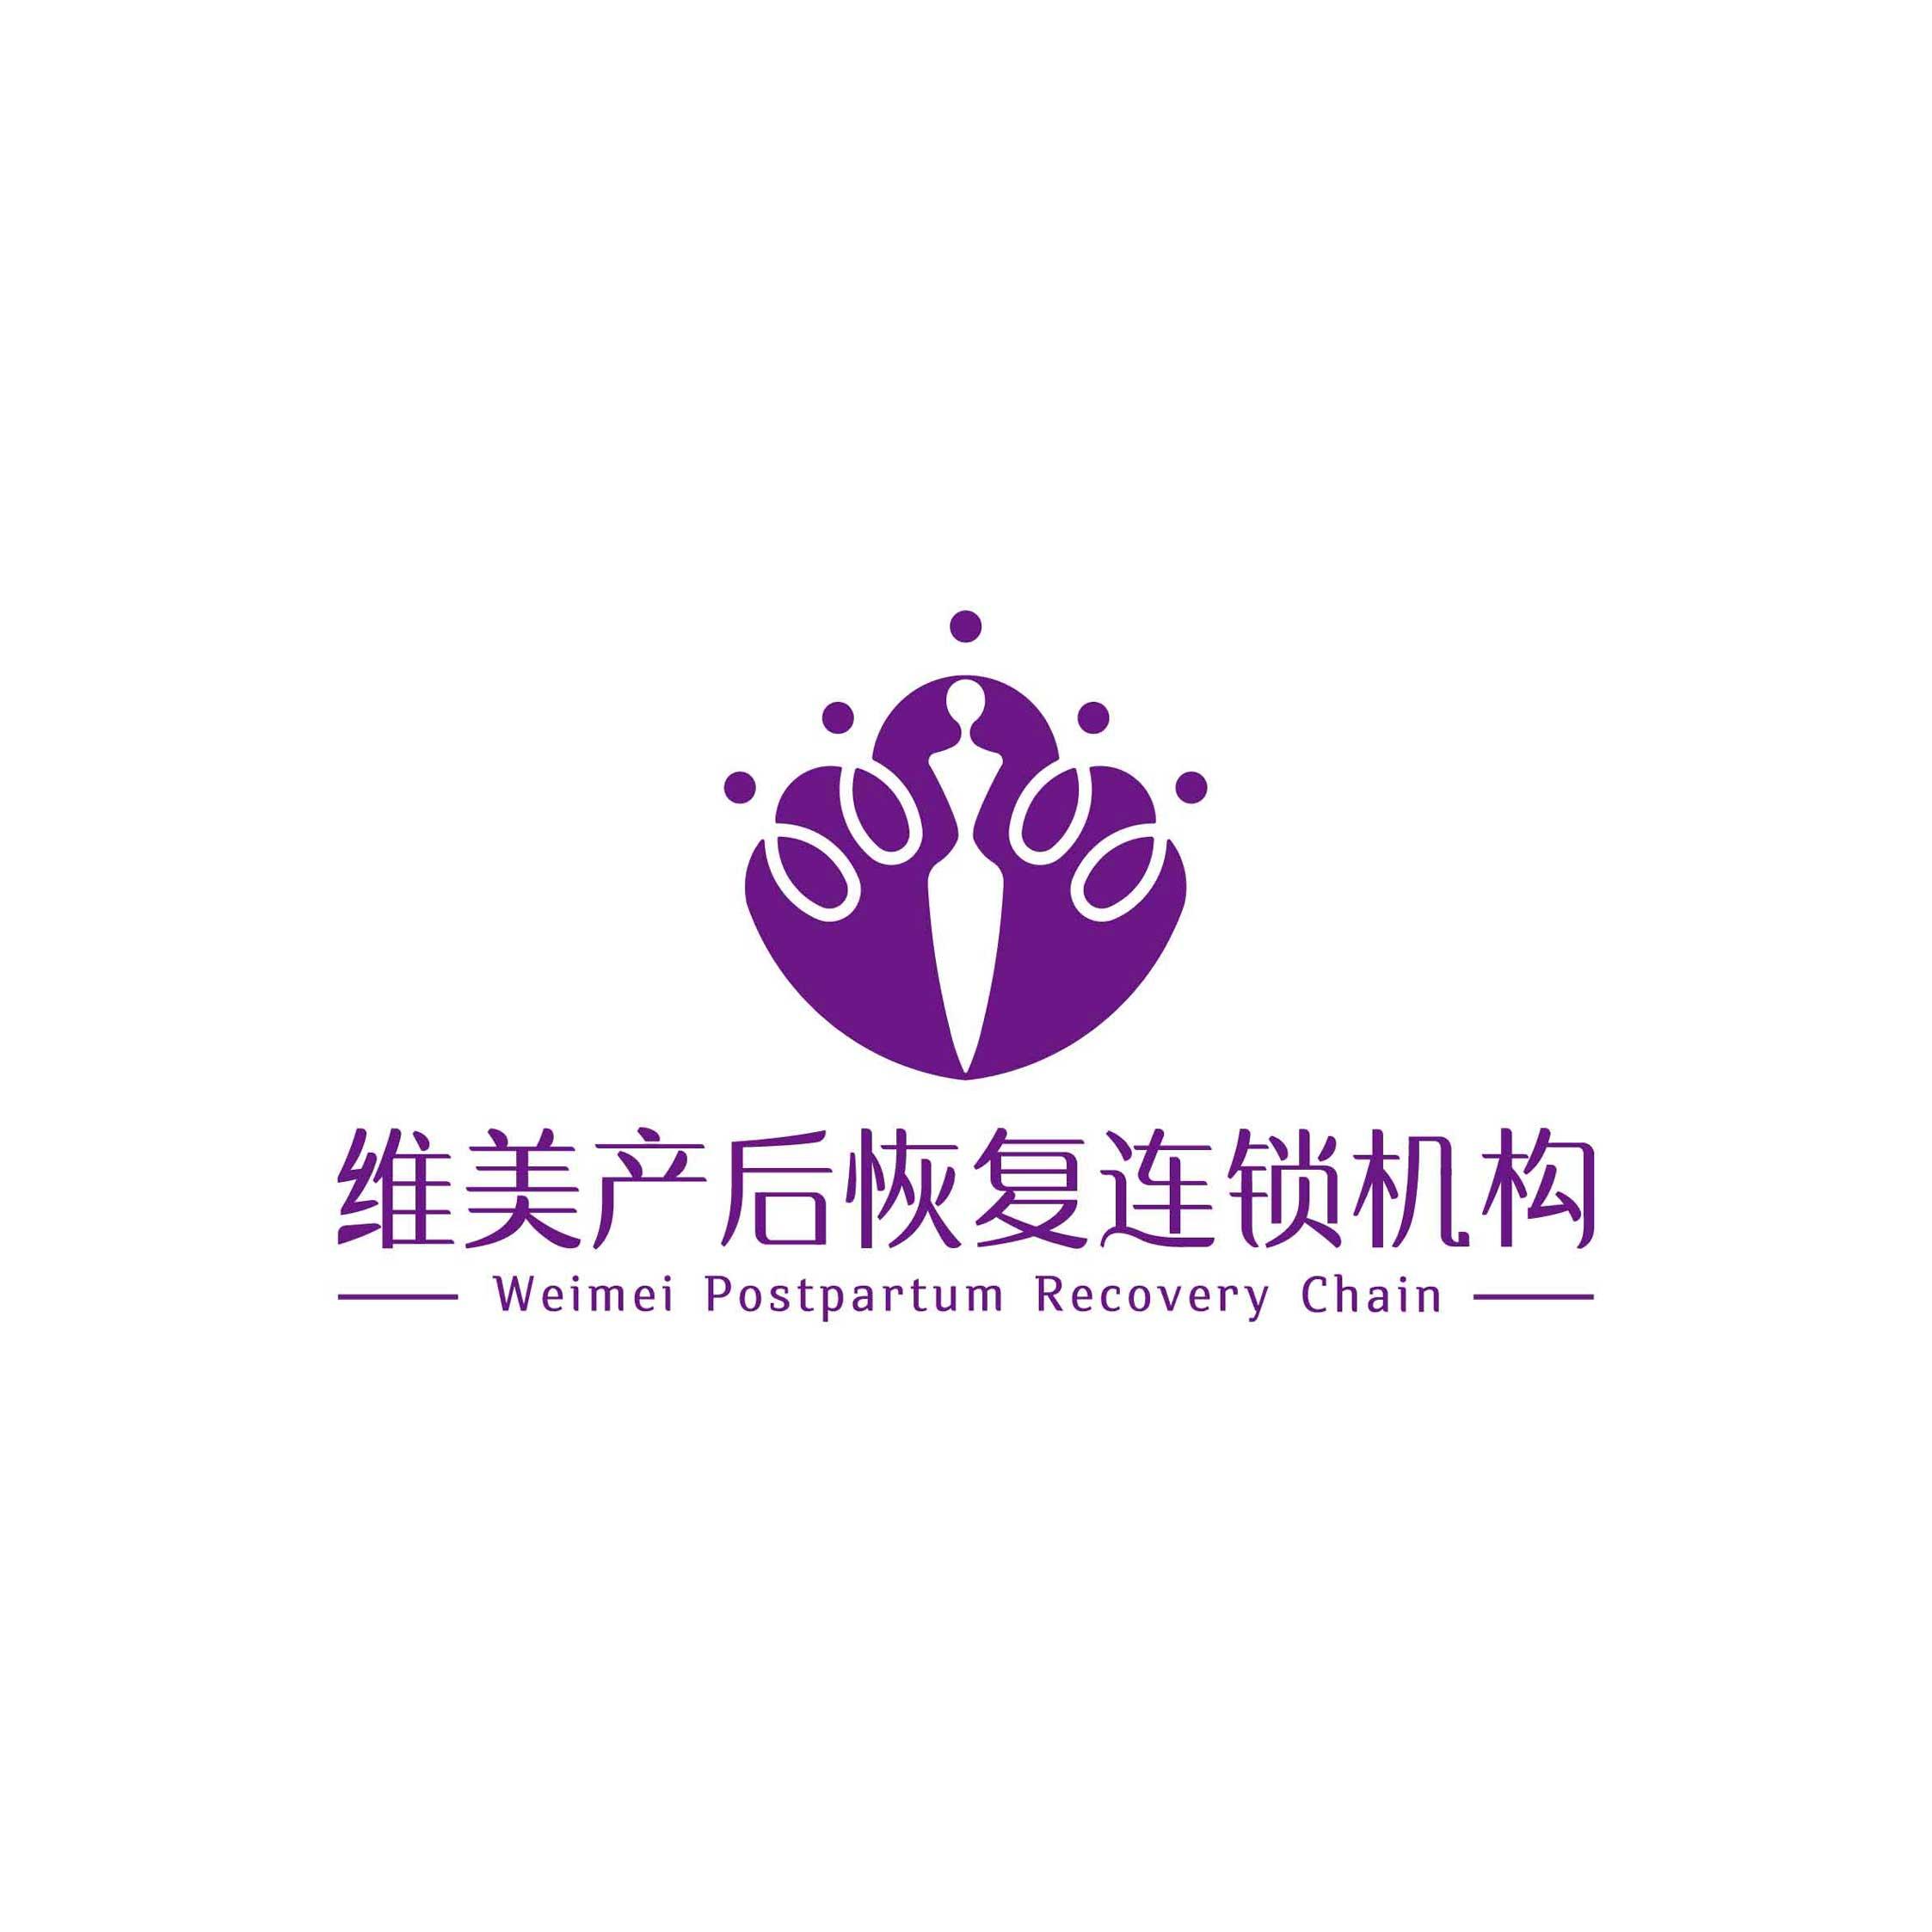 山东维美营销策划有限公司